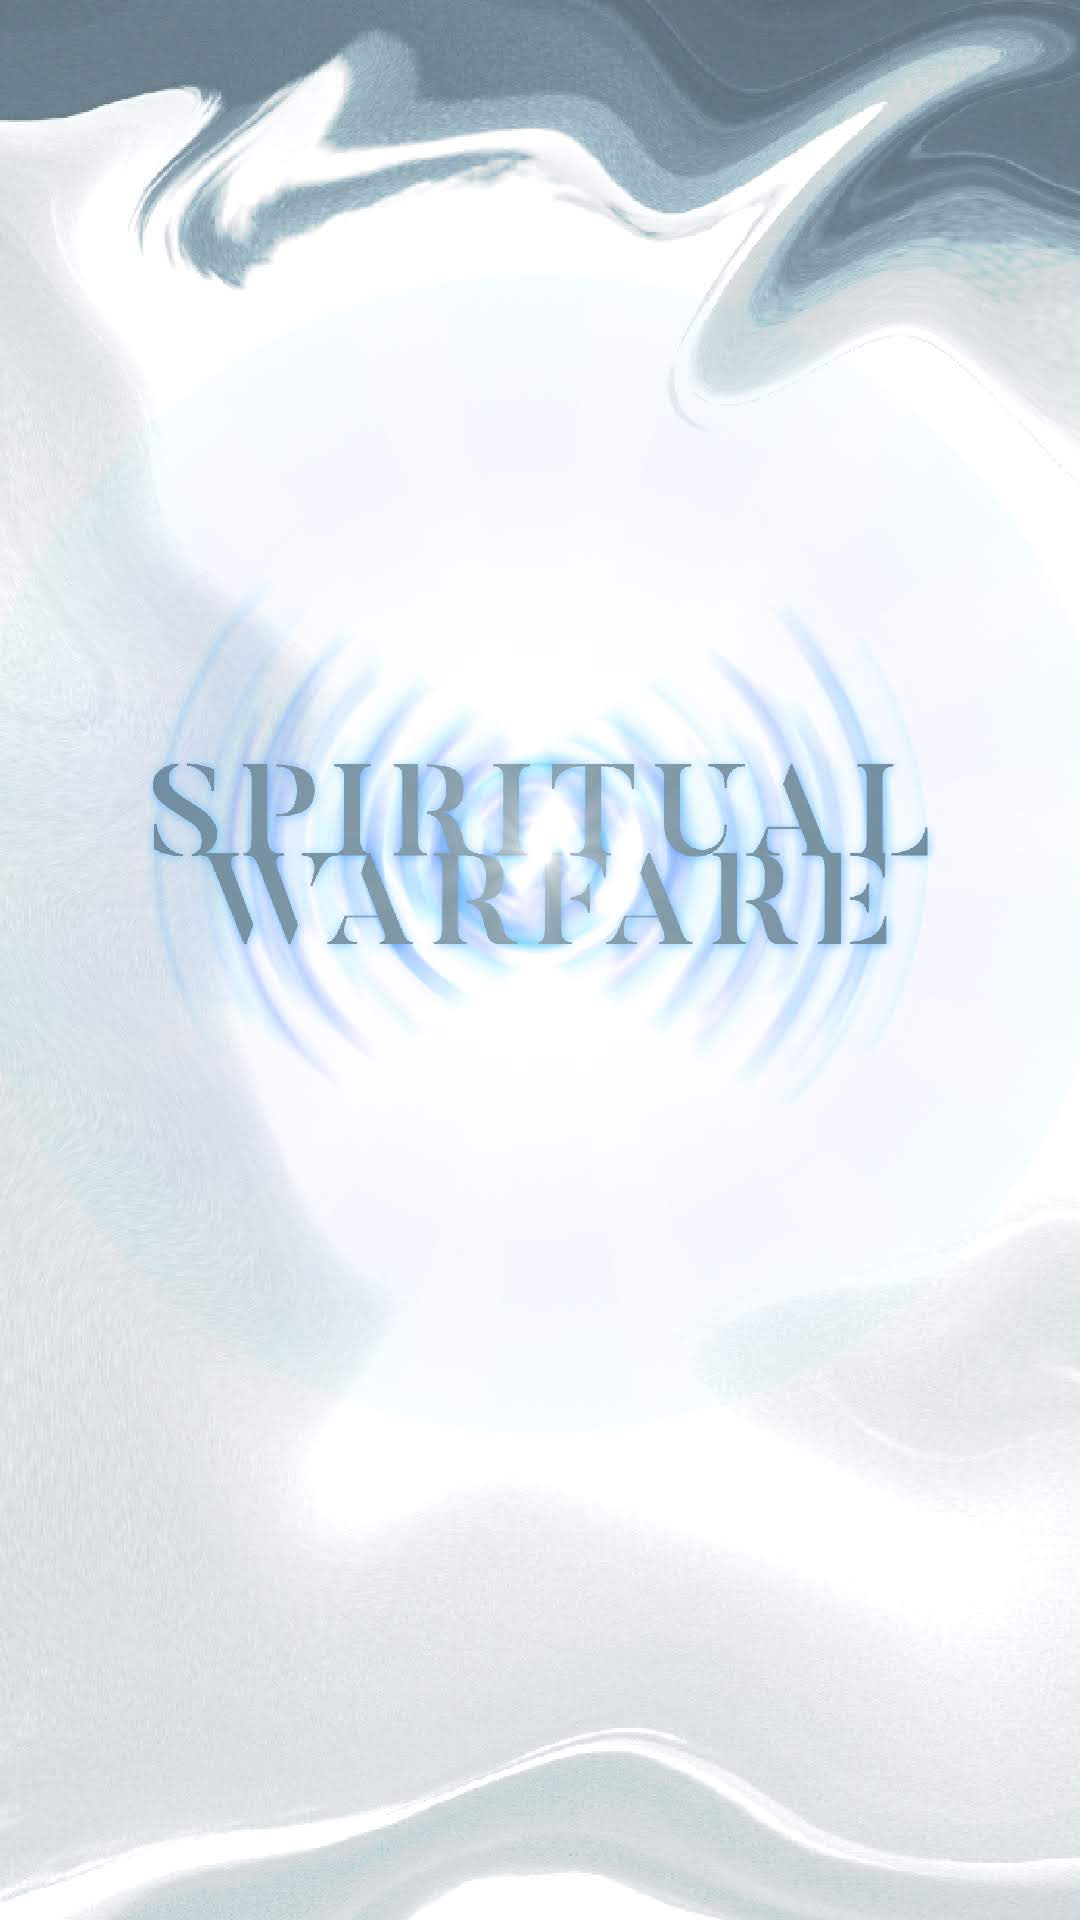 spiritual.warfarestory1 copy-100.jpg